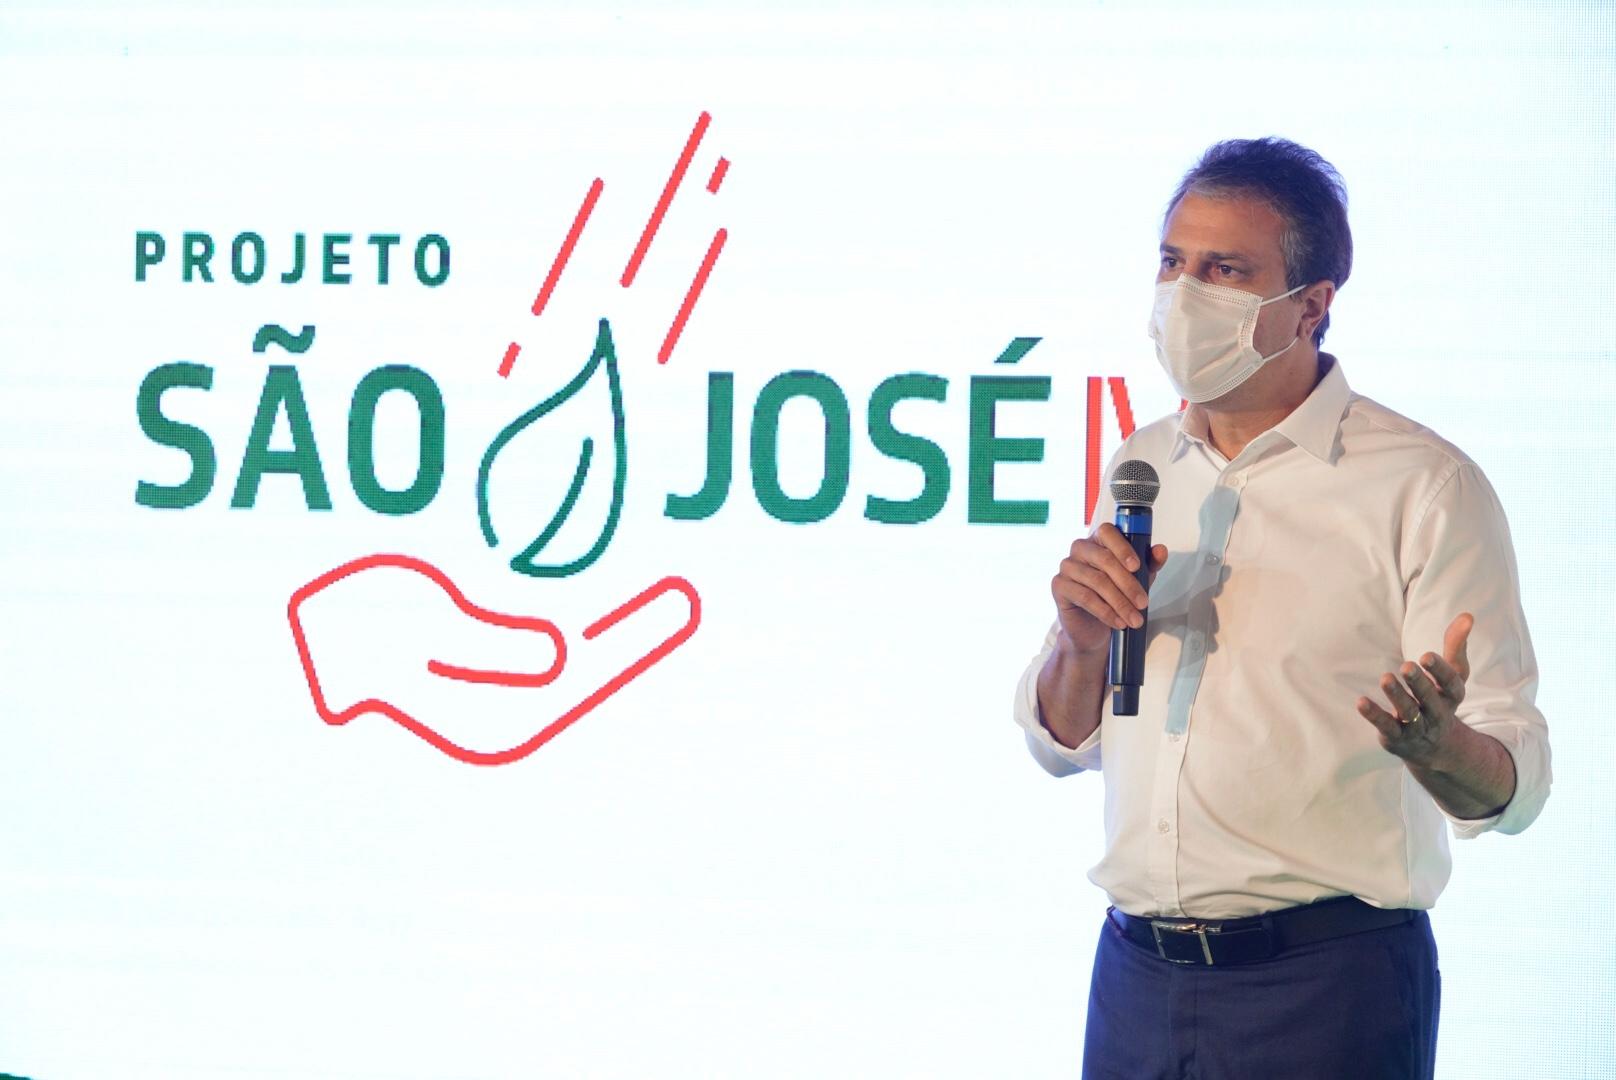 Agricultura familiar: 440 mil cearenses serão beneficiados com o Projeto São José IV